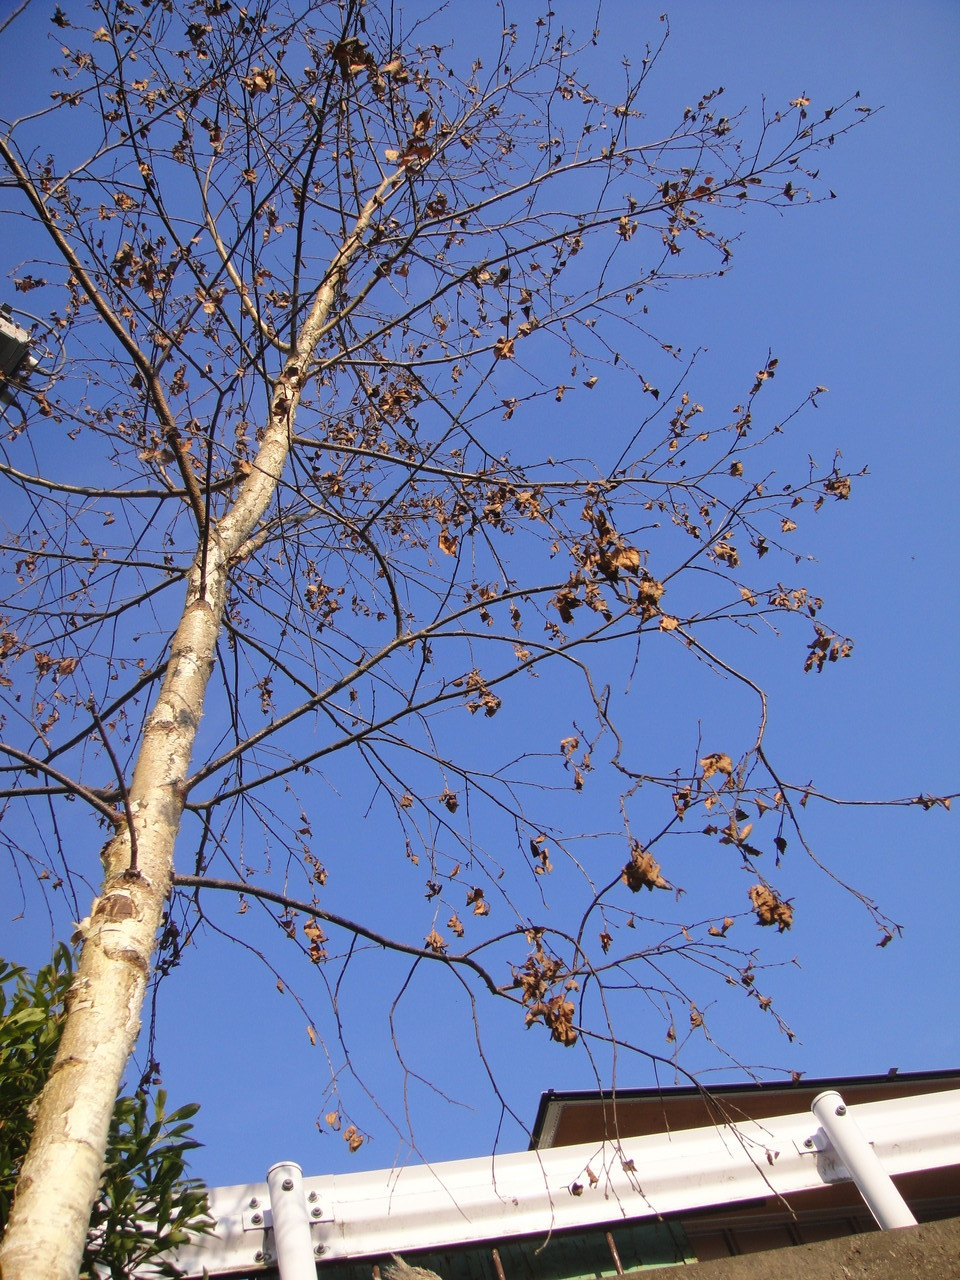 パープル色の葉が、太陽に反射してキラキラした白樺立ち枯れてしまいました。